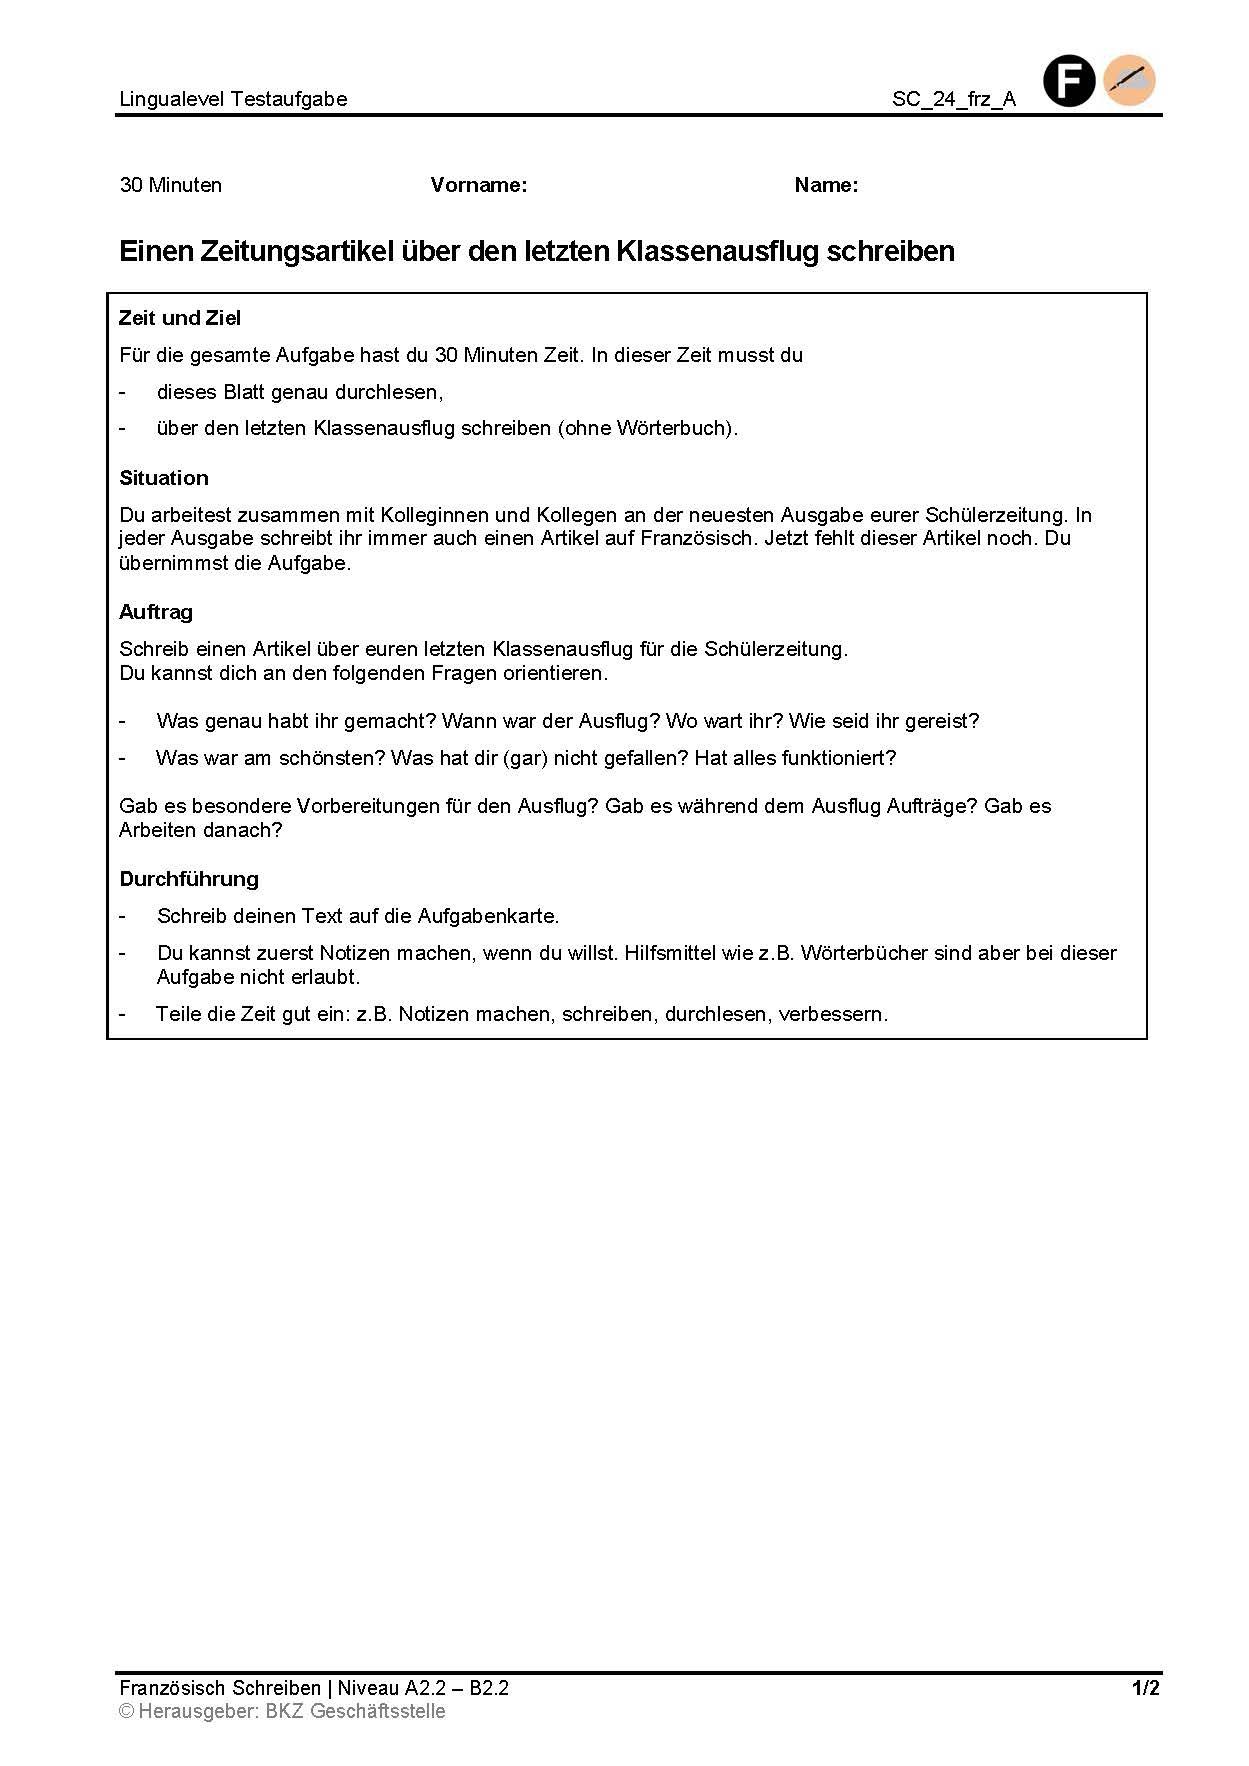 Preview image for LOM object Einen Zeitungsartikel über den letzten Klassenausflug schreiben